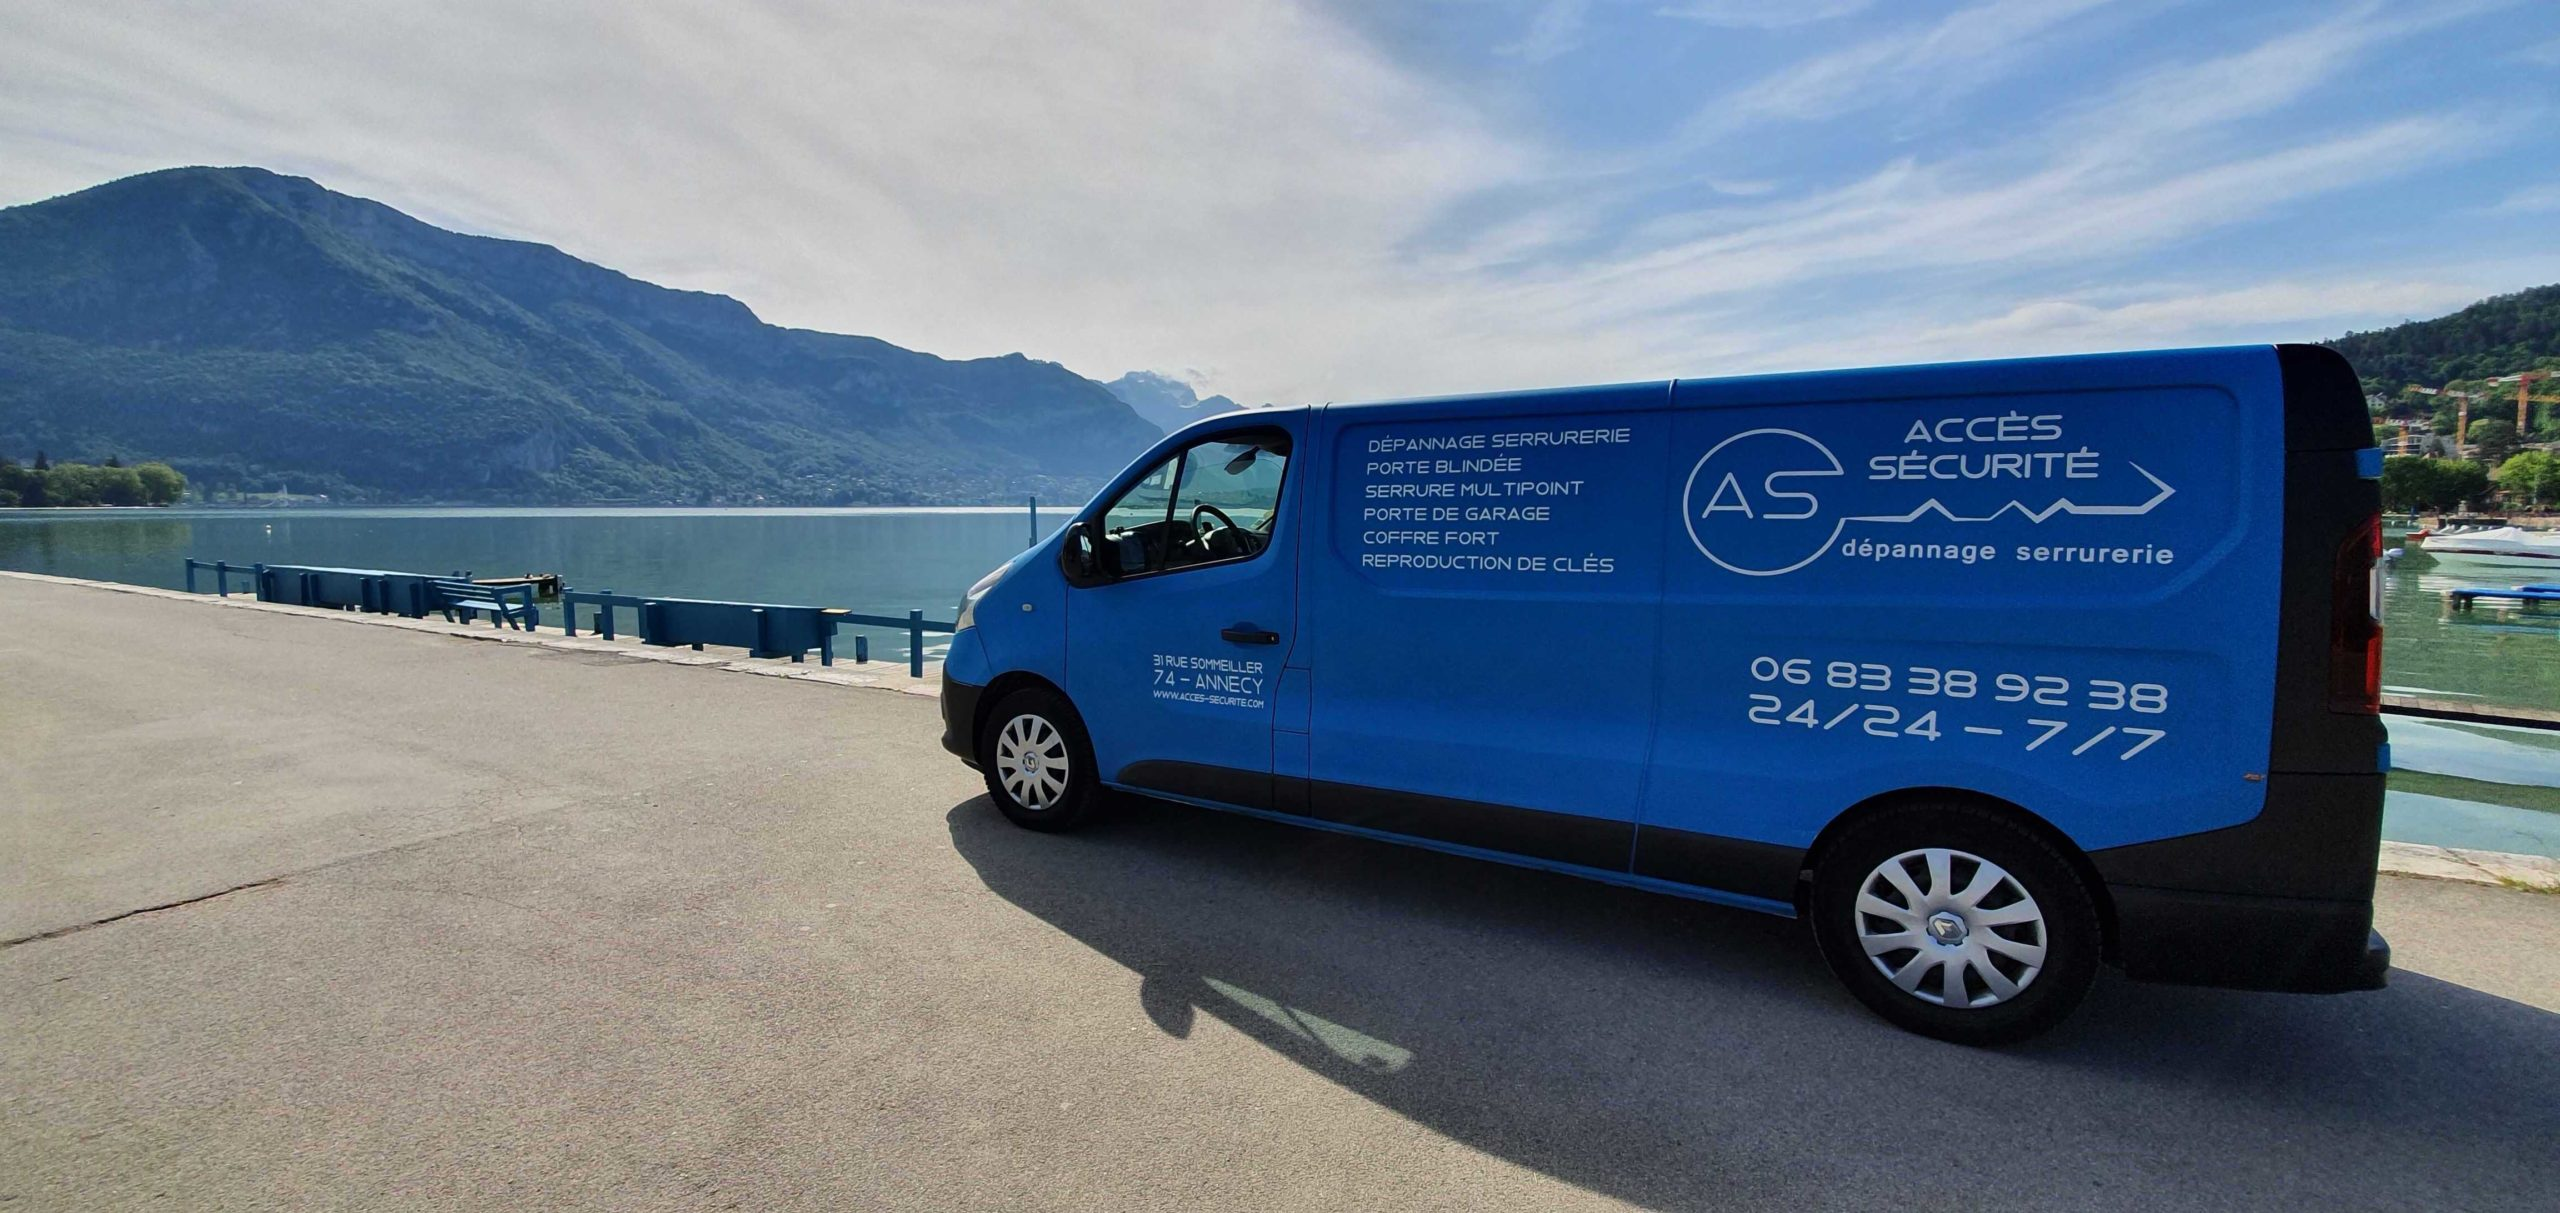 Notre camion de dépannage en intervention autour du Lac d'Annecy